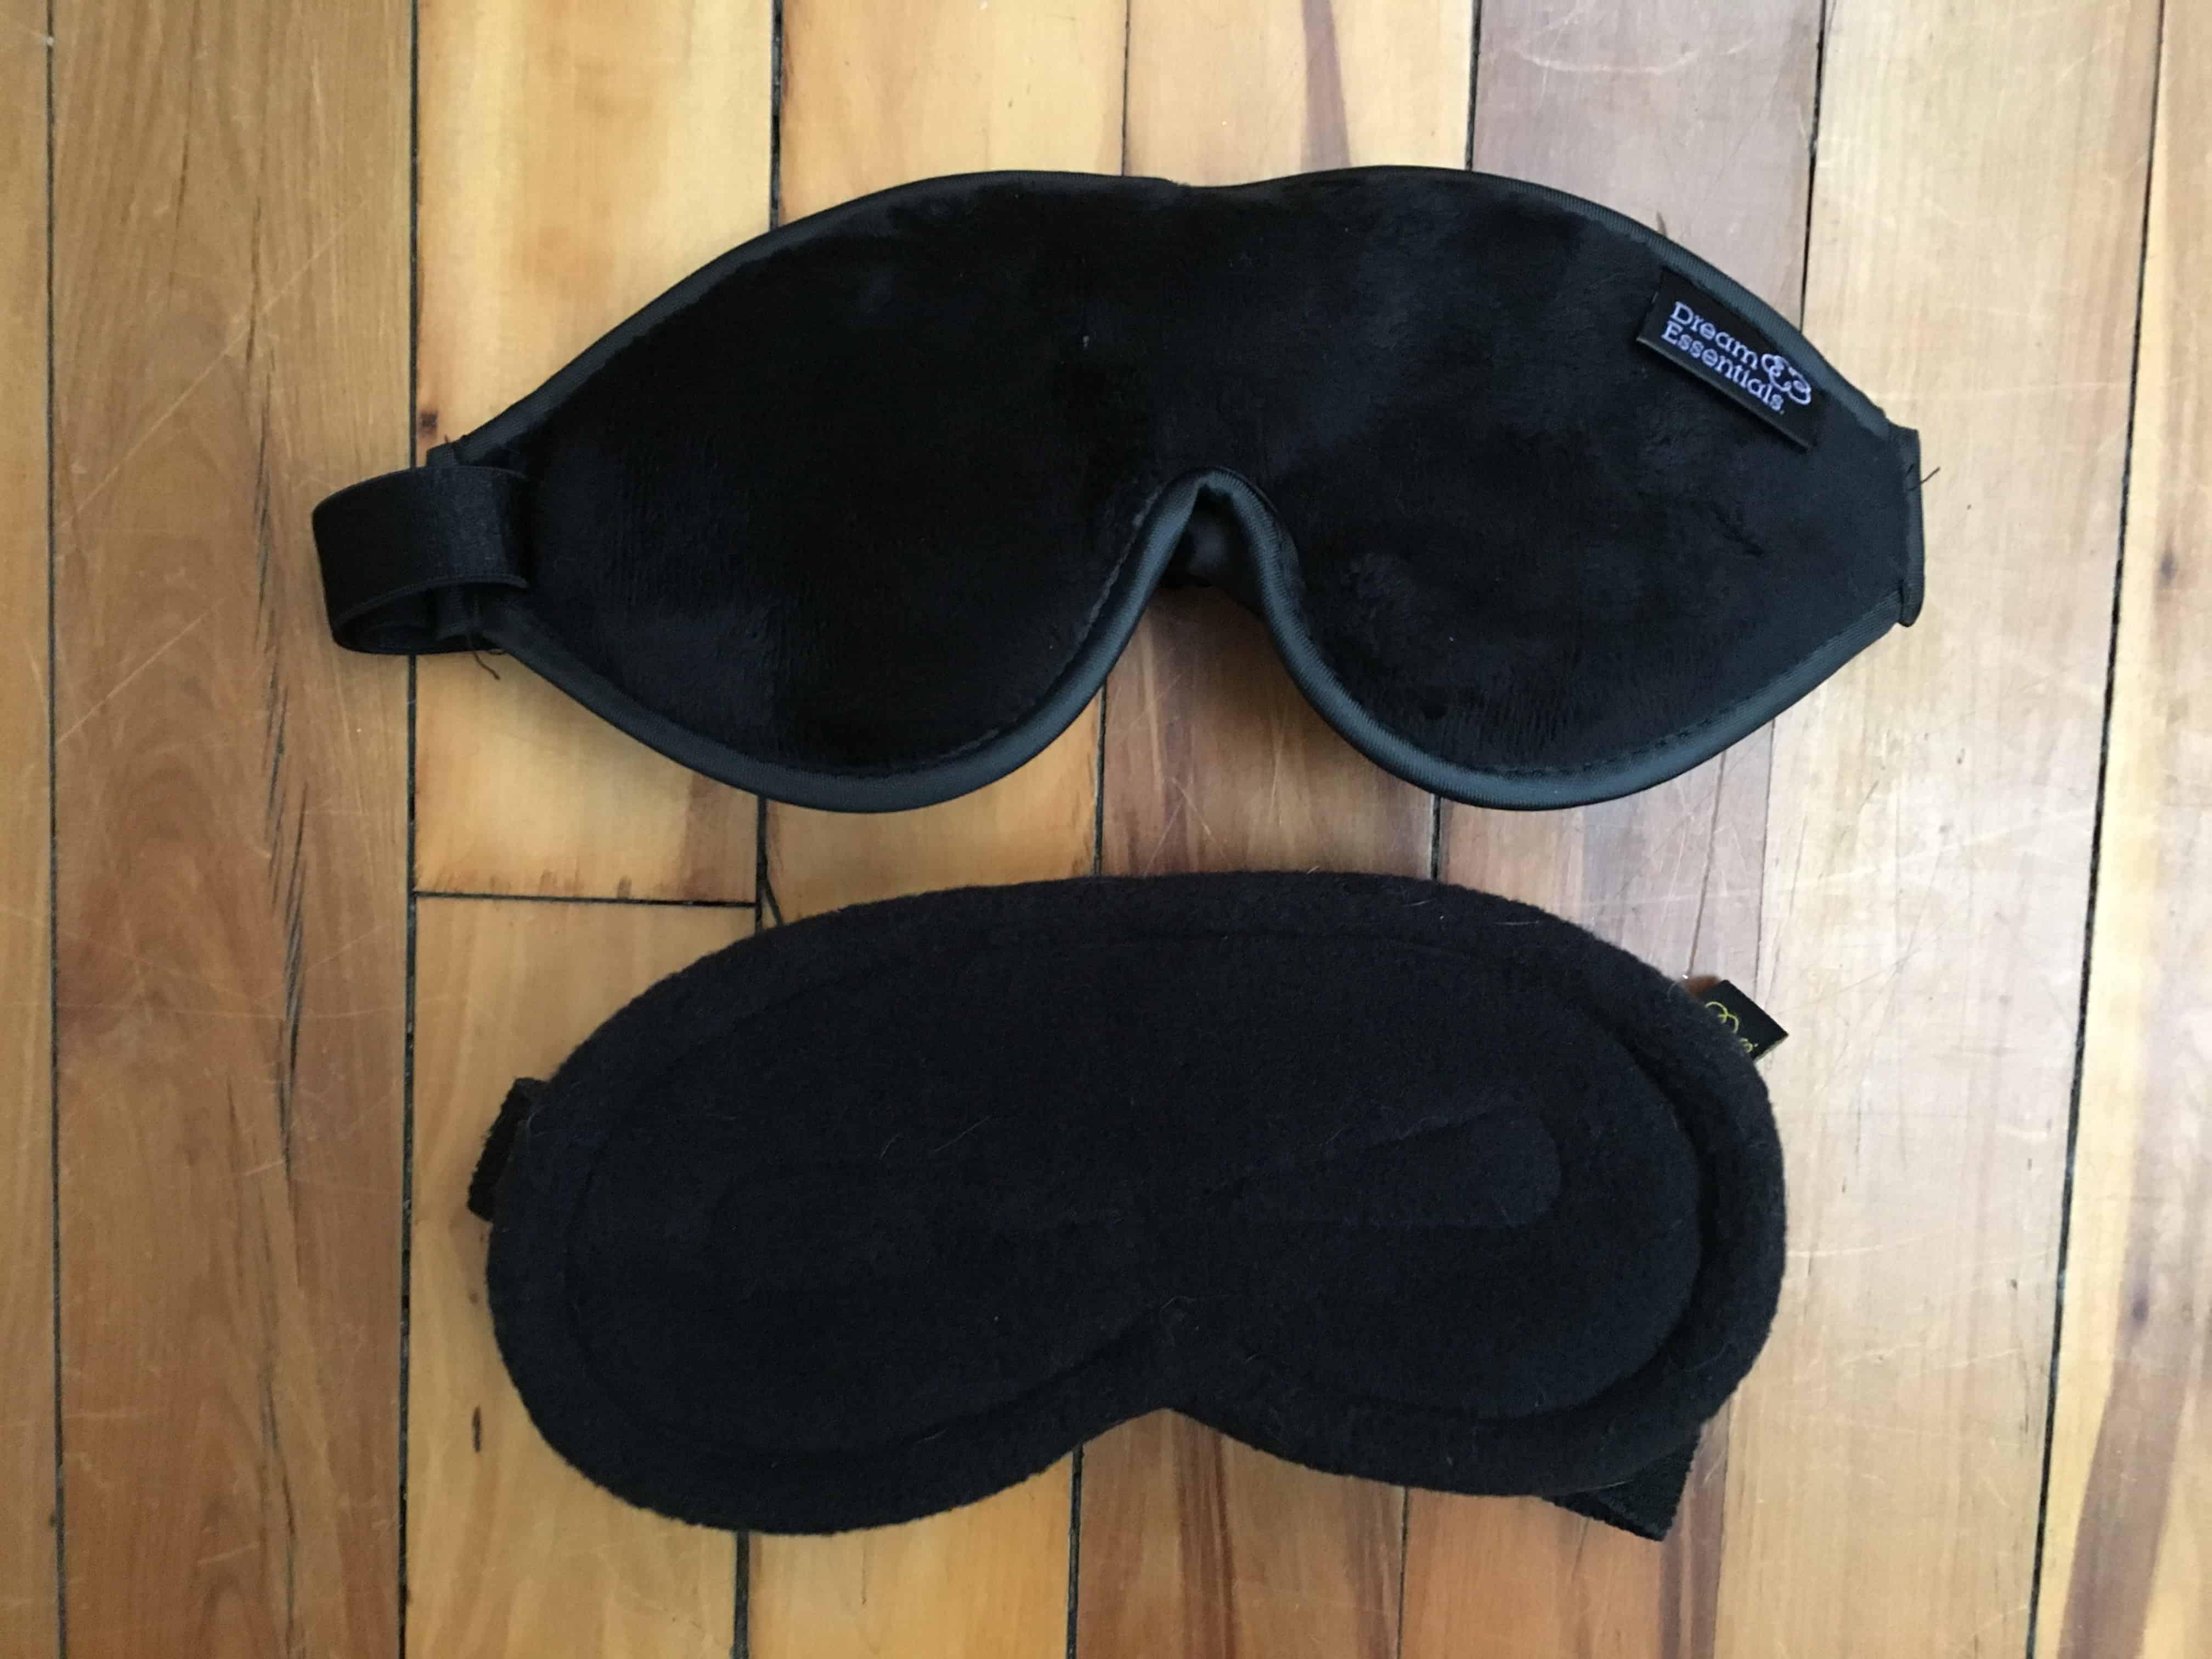 Best-Sleep-Mask-on-Amazon Best Sleep Masks